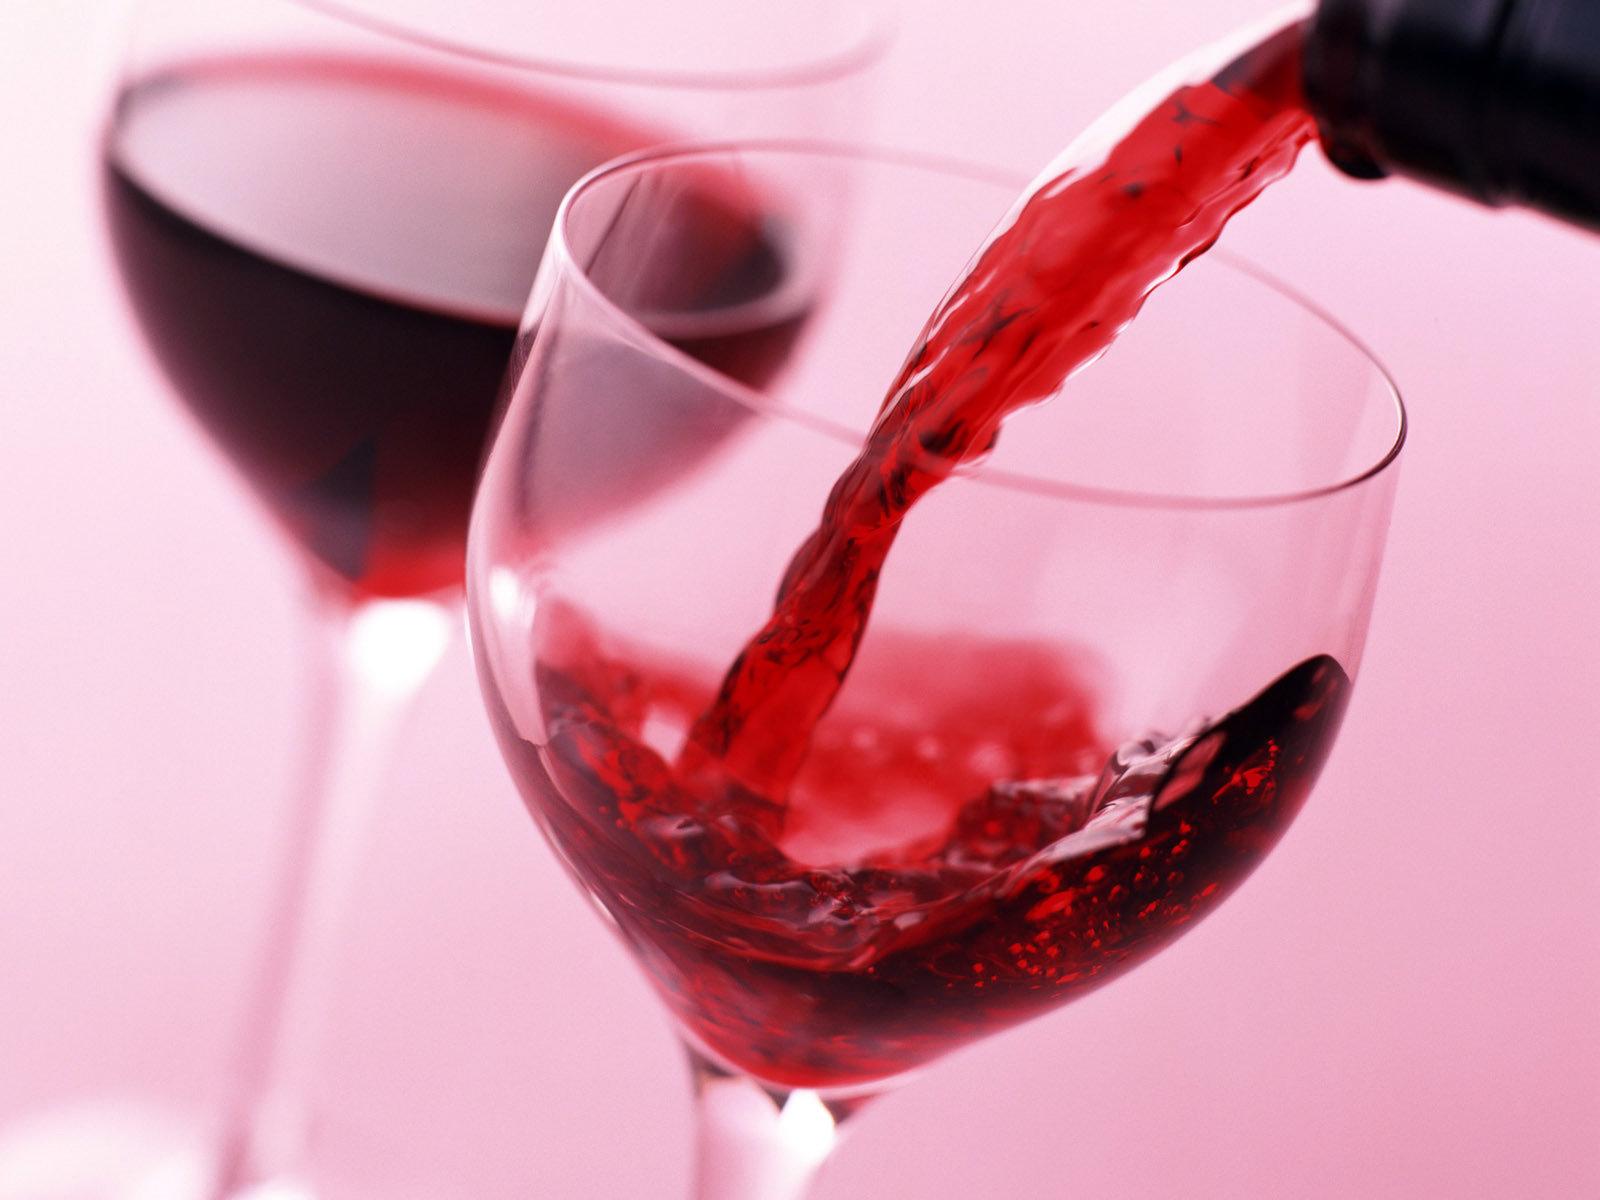 Zagreb hosts international wine festival